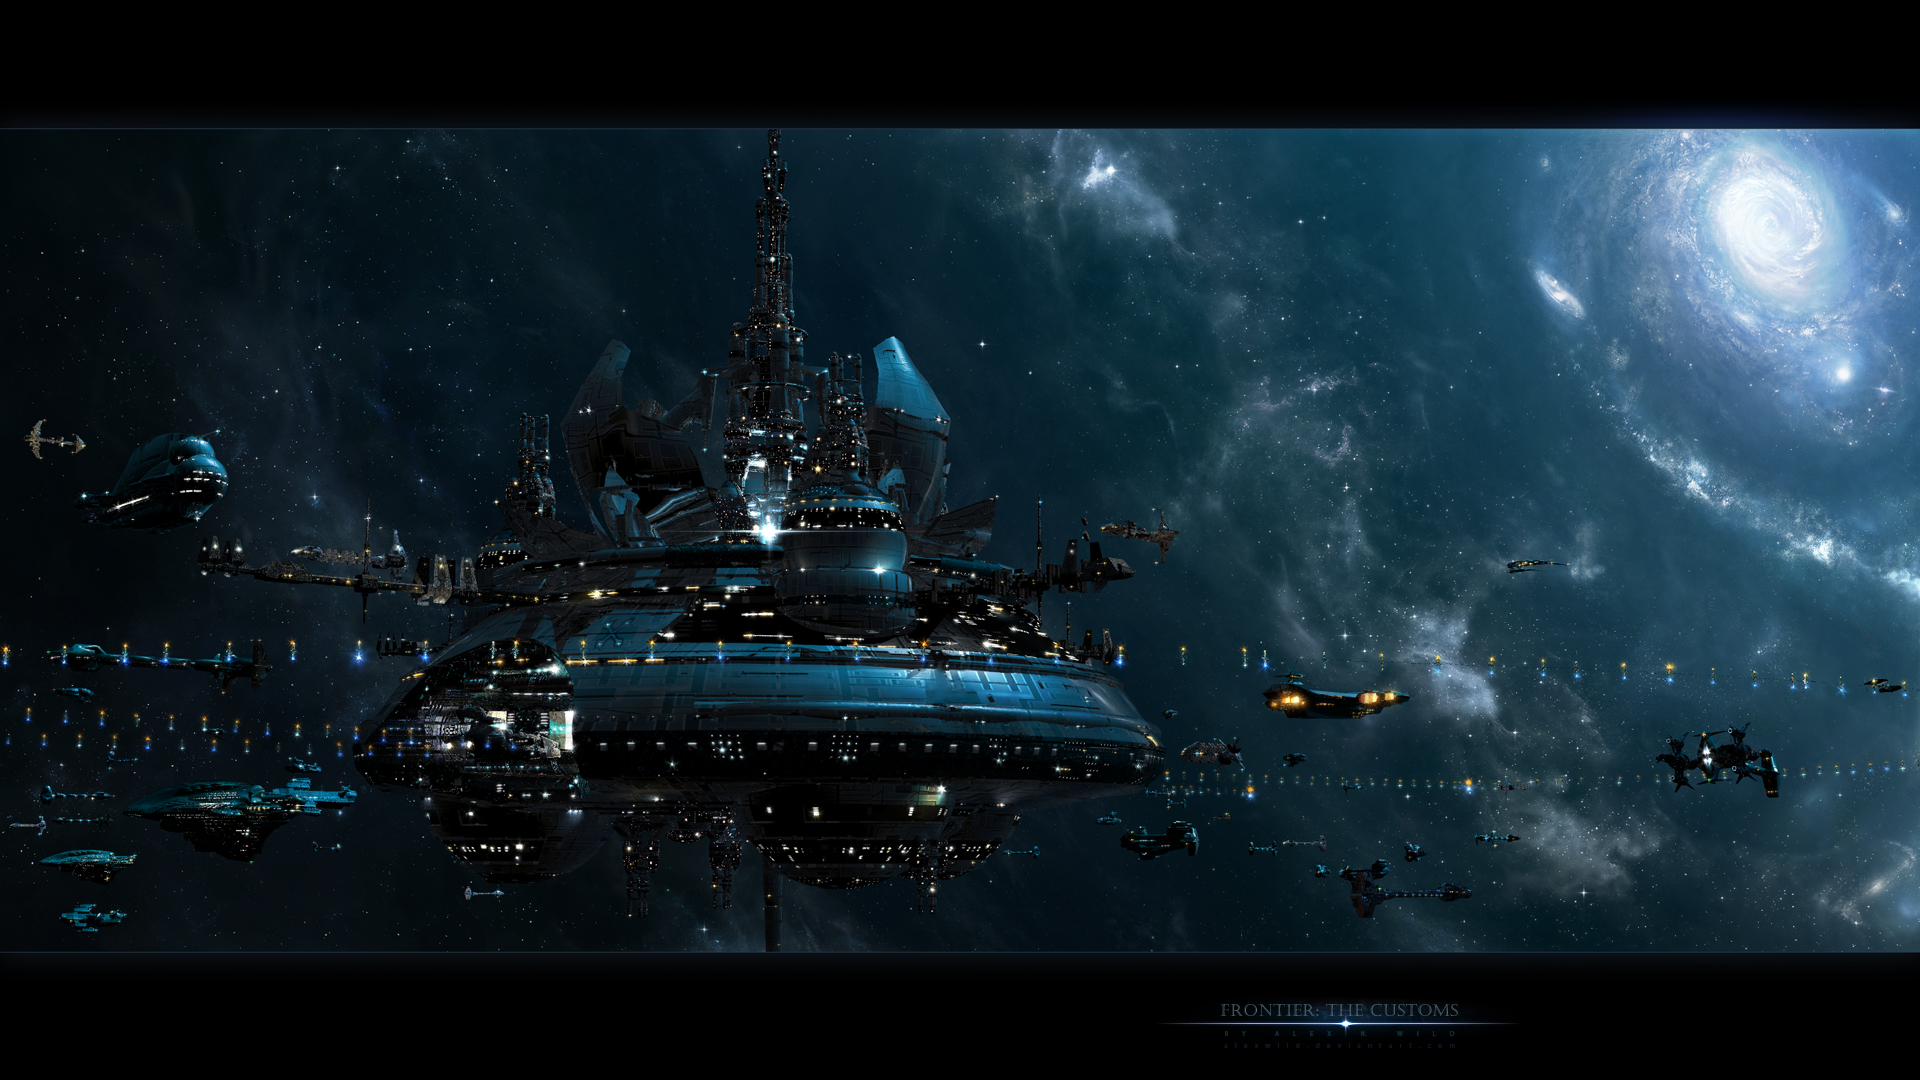 alexwild deviantart com sci fi futuristic space spaceships spacecrafts 1920x1080